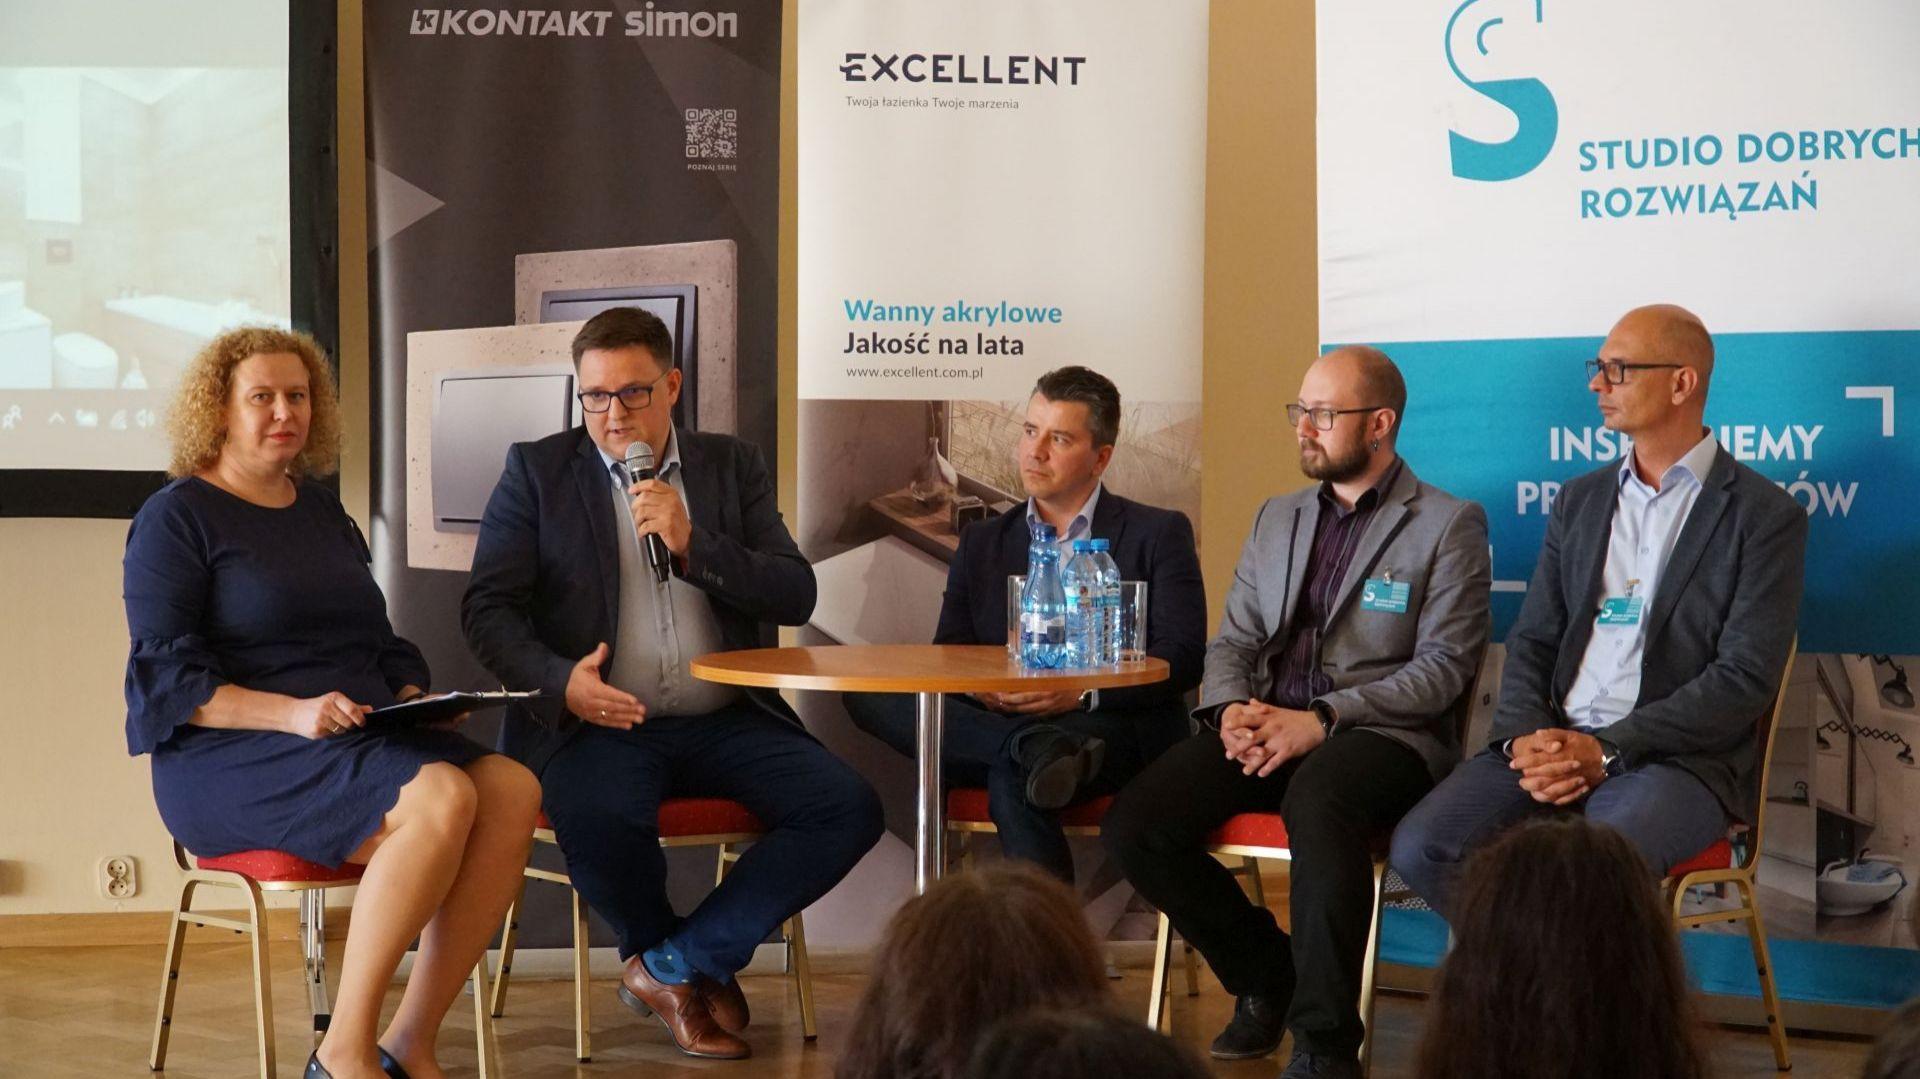 Smartdom - o tym trzeba wiedzieć. Dyskusja z udziałem przedstawicieli KNX Poland, Kontakt Simon i Ampio Smart Home